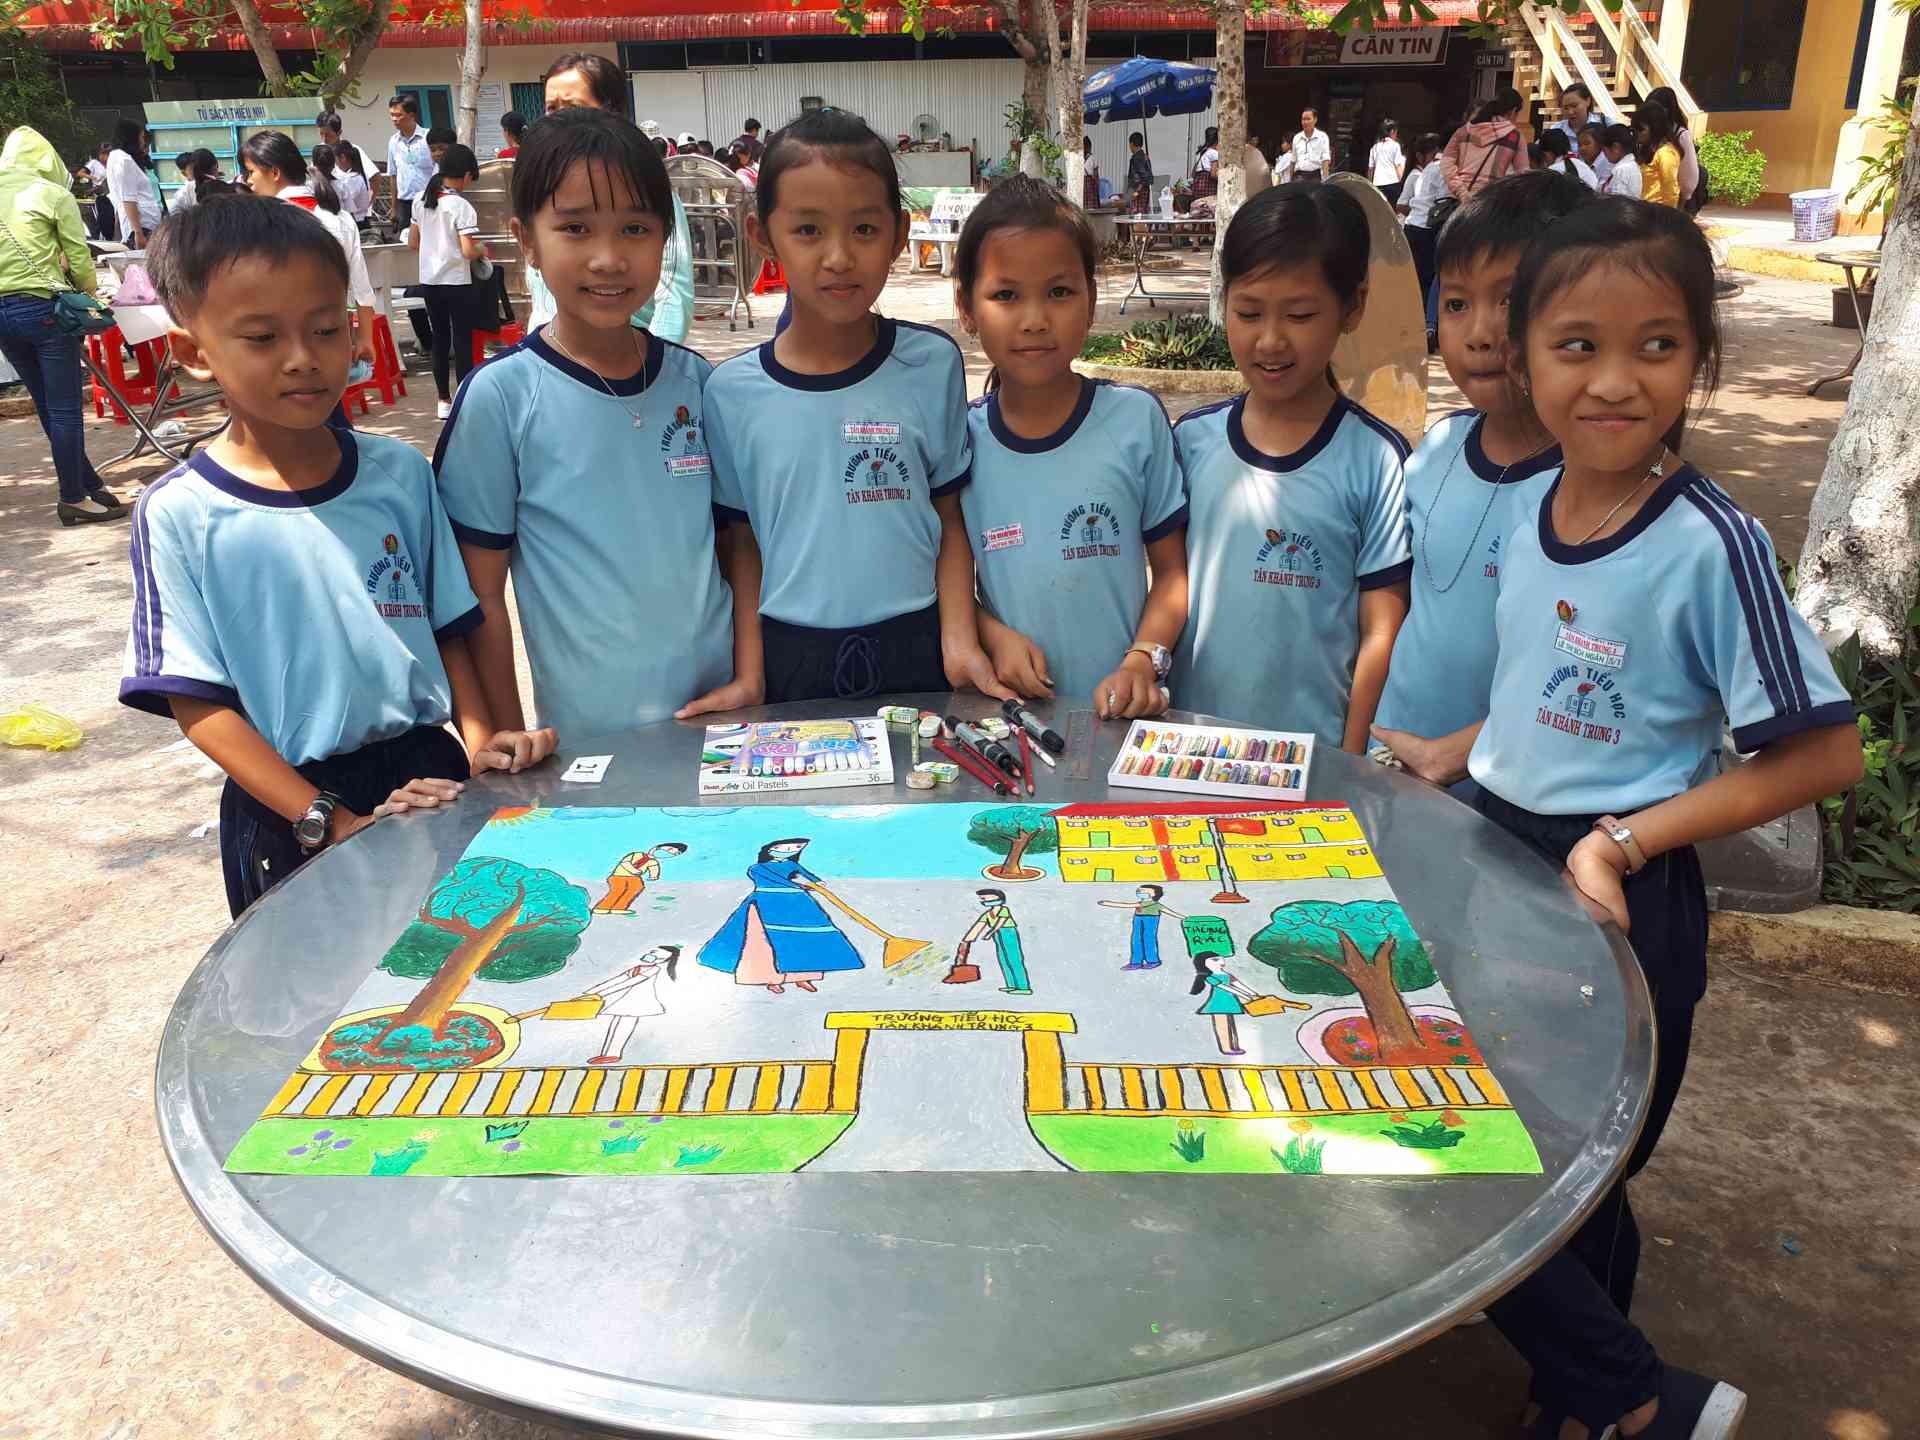 Tiểu học Tân Khánh Trung 3